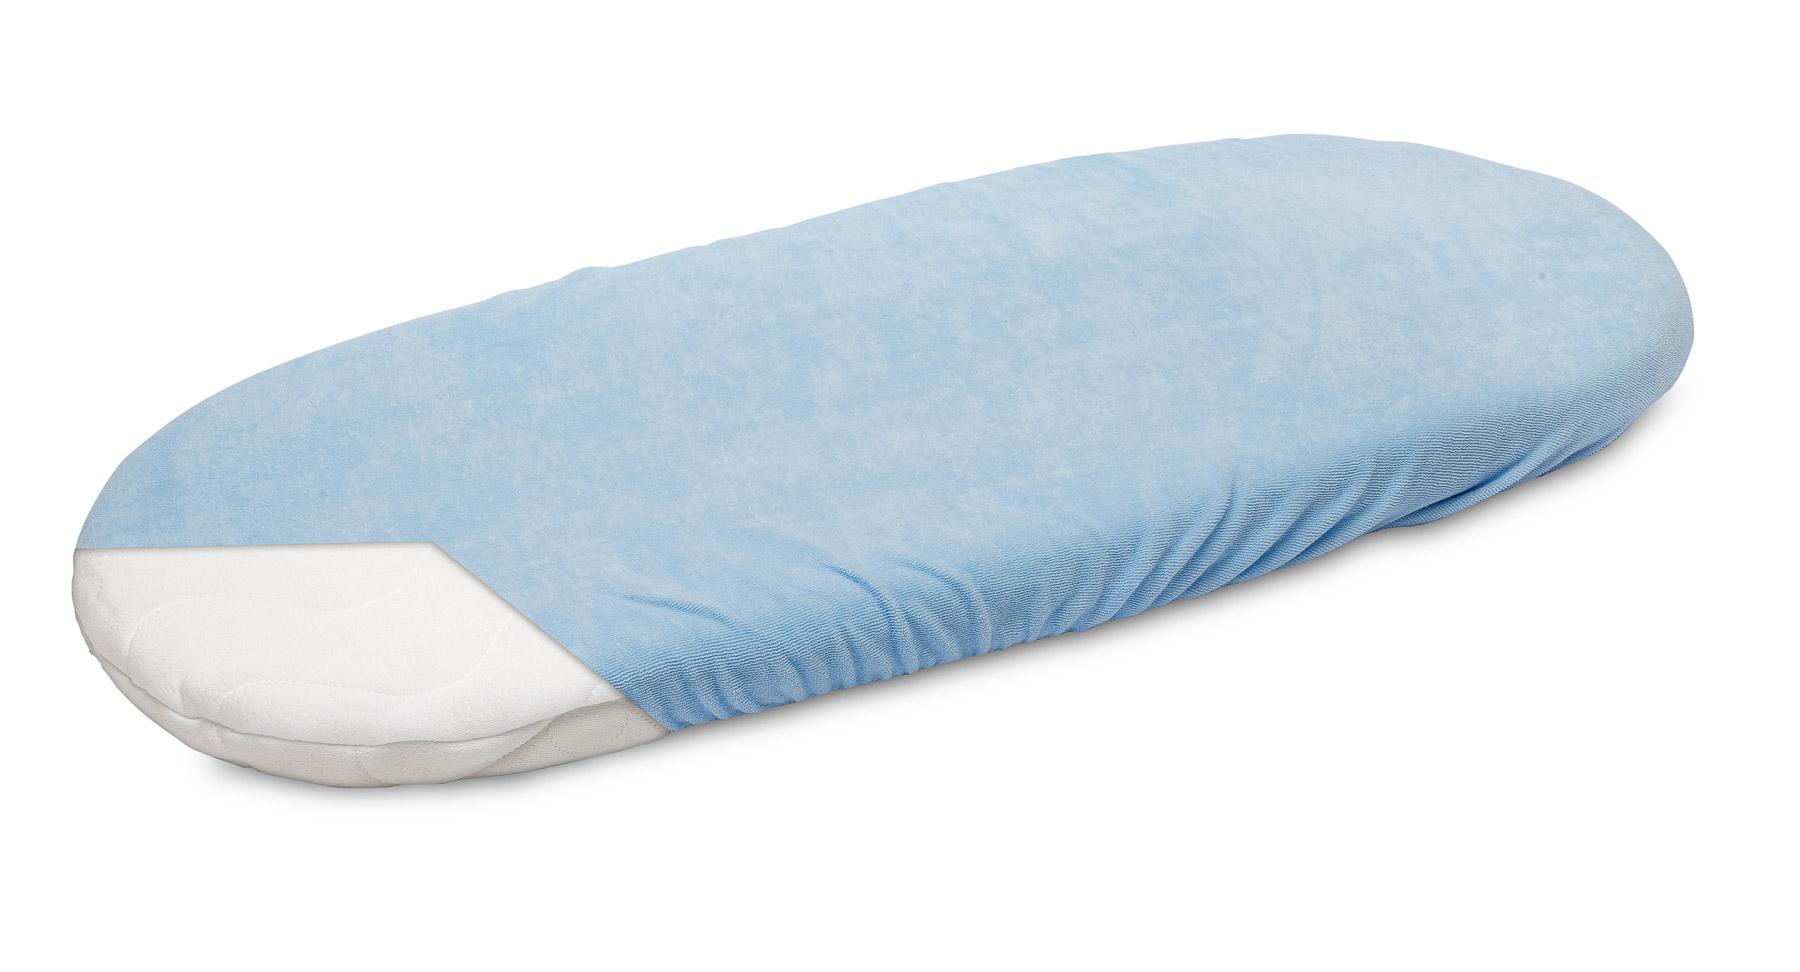 Terry Pushchair Sheet – blue